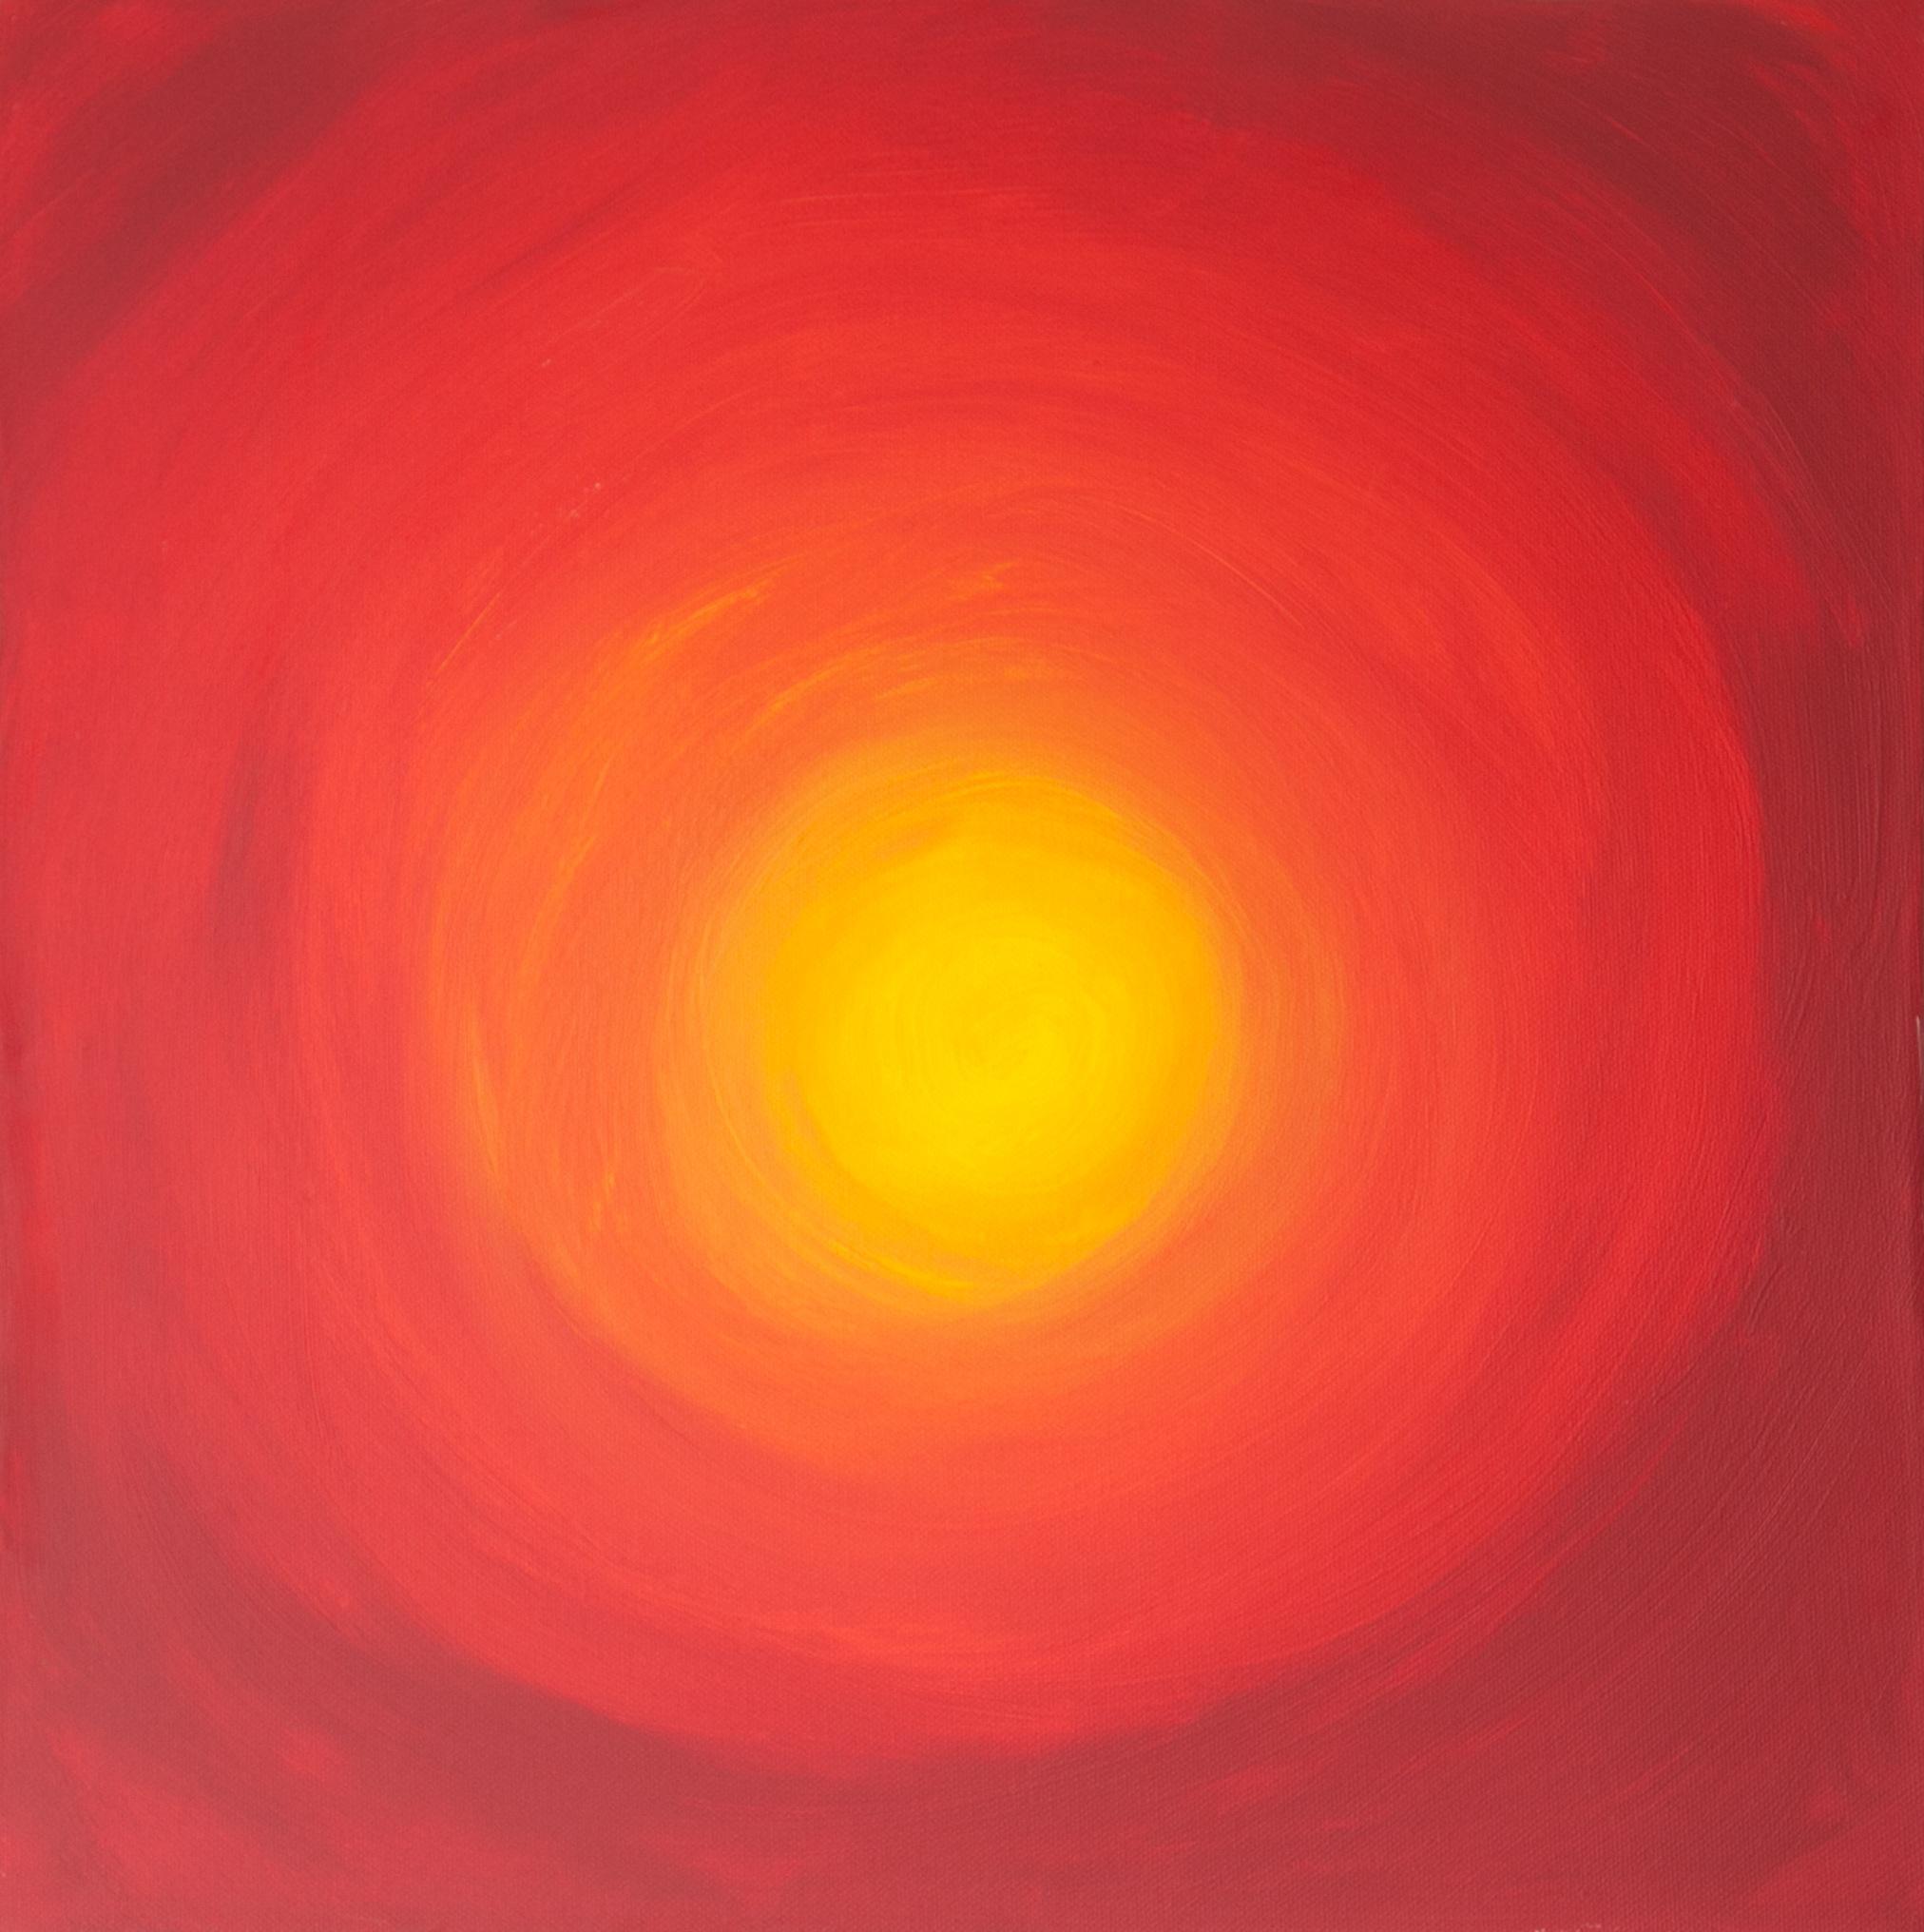 Večerní slunce - Katarína Regešová